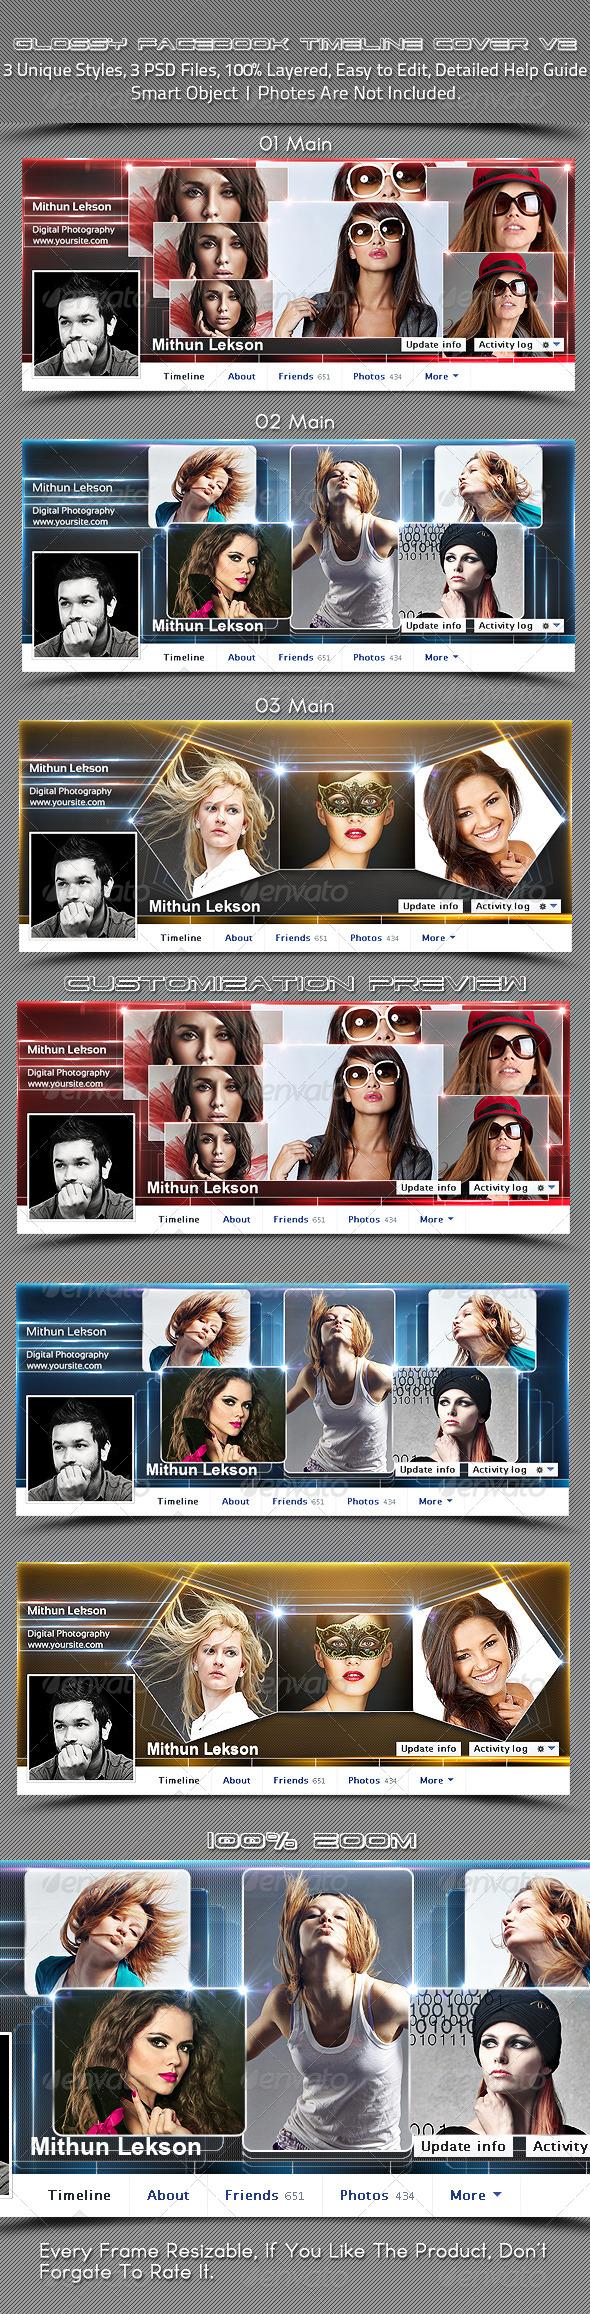 Glossy Facebook Timeline Cover V2 - Facebook Timeline Covers Social Media